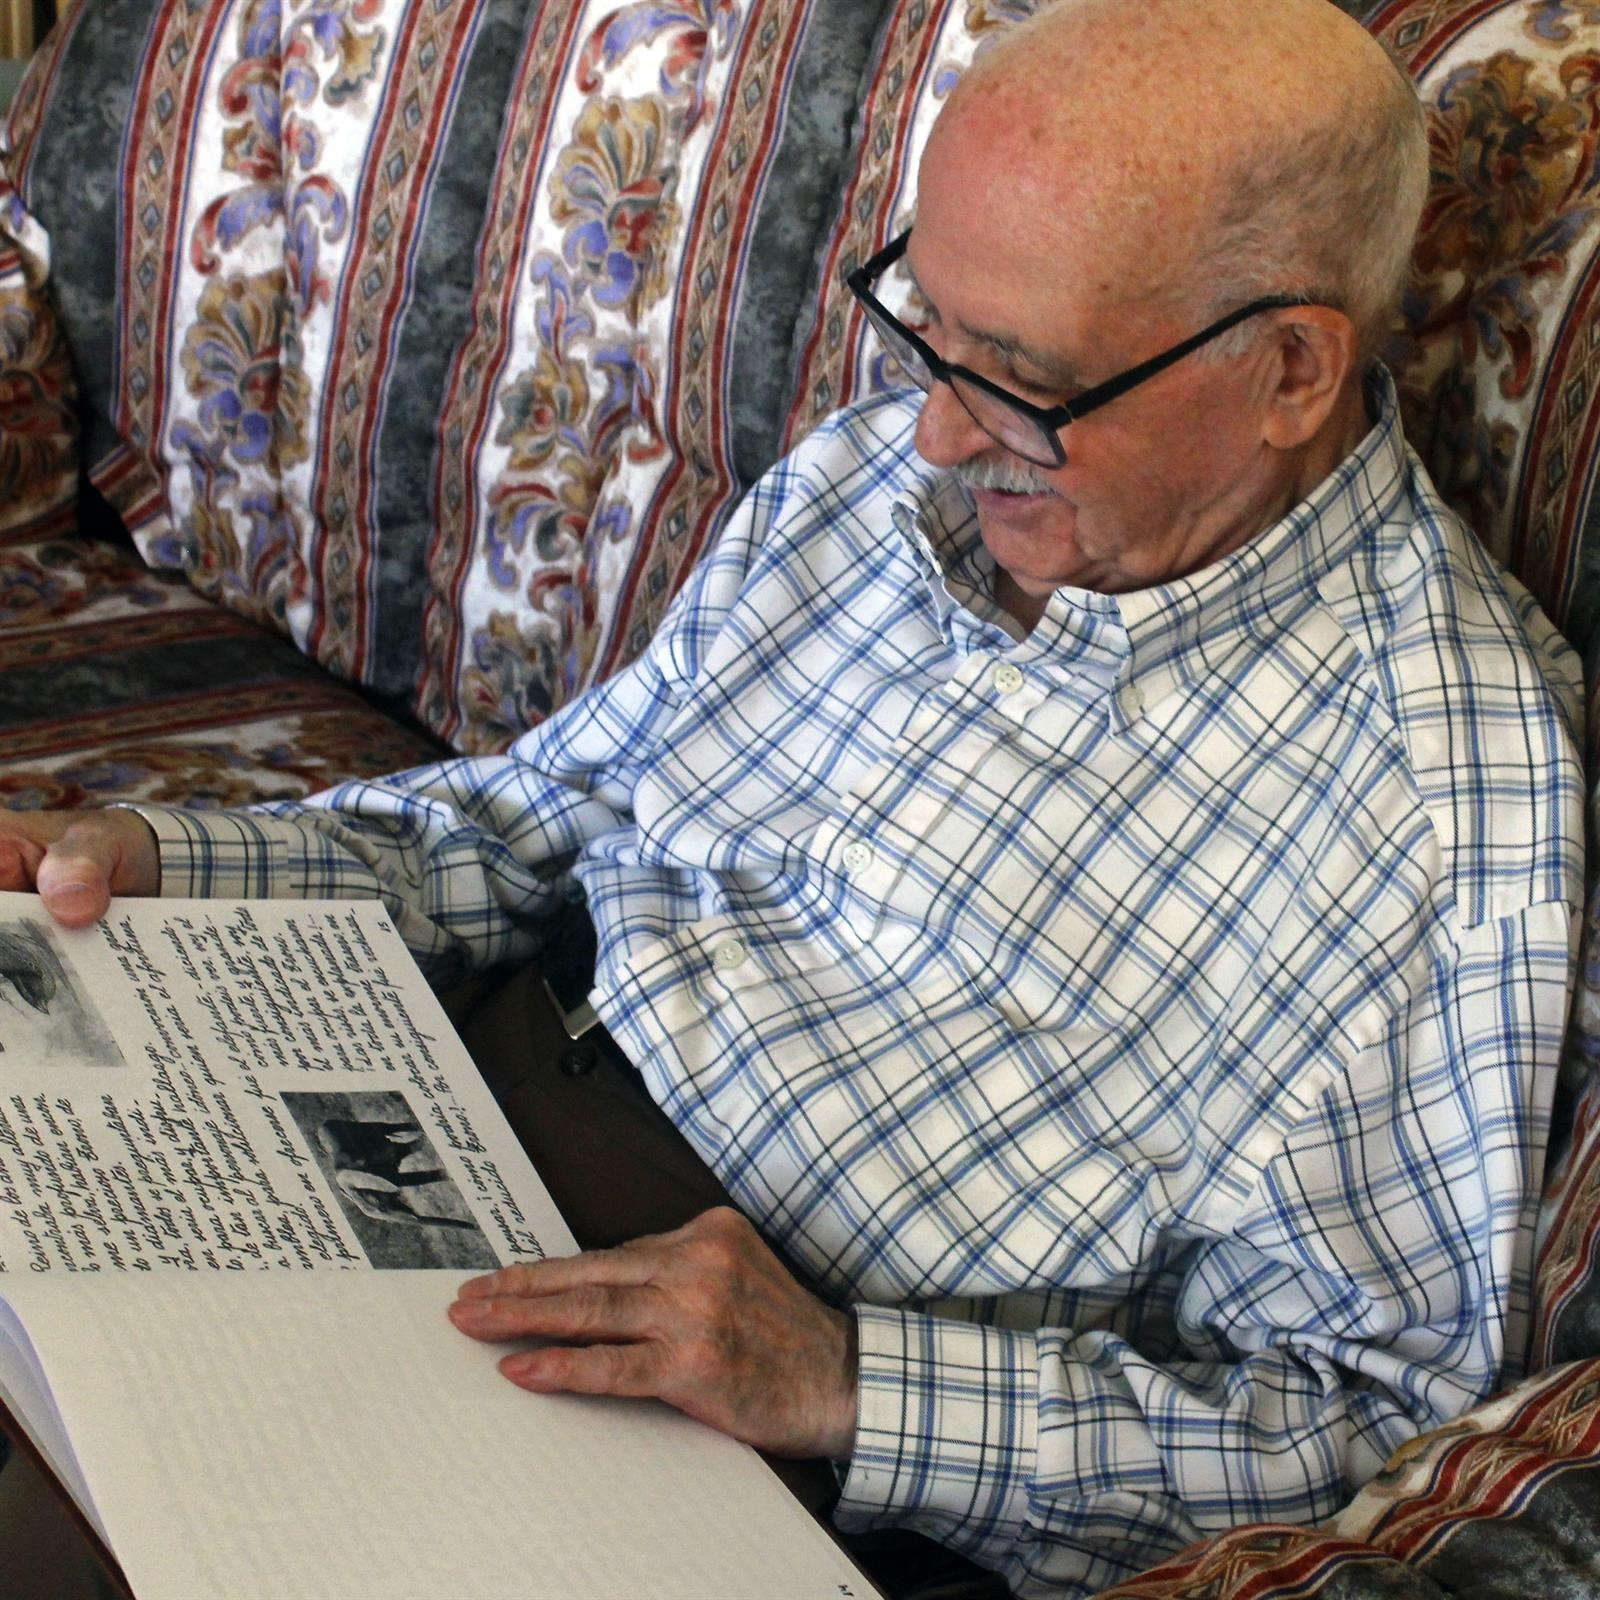 Un jubilado madrileño presenta su primer libro de cuentos a los 90 años